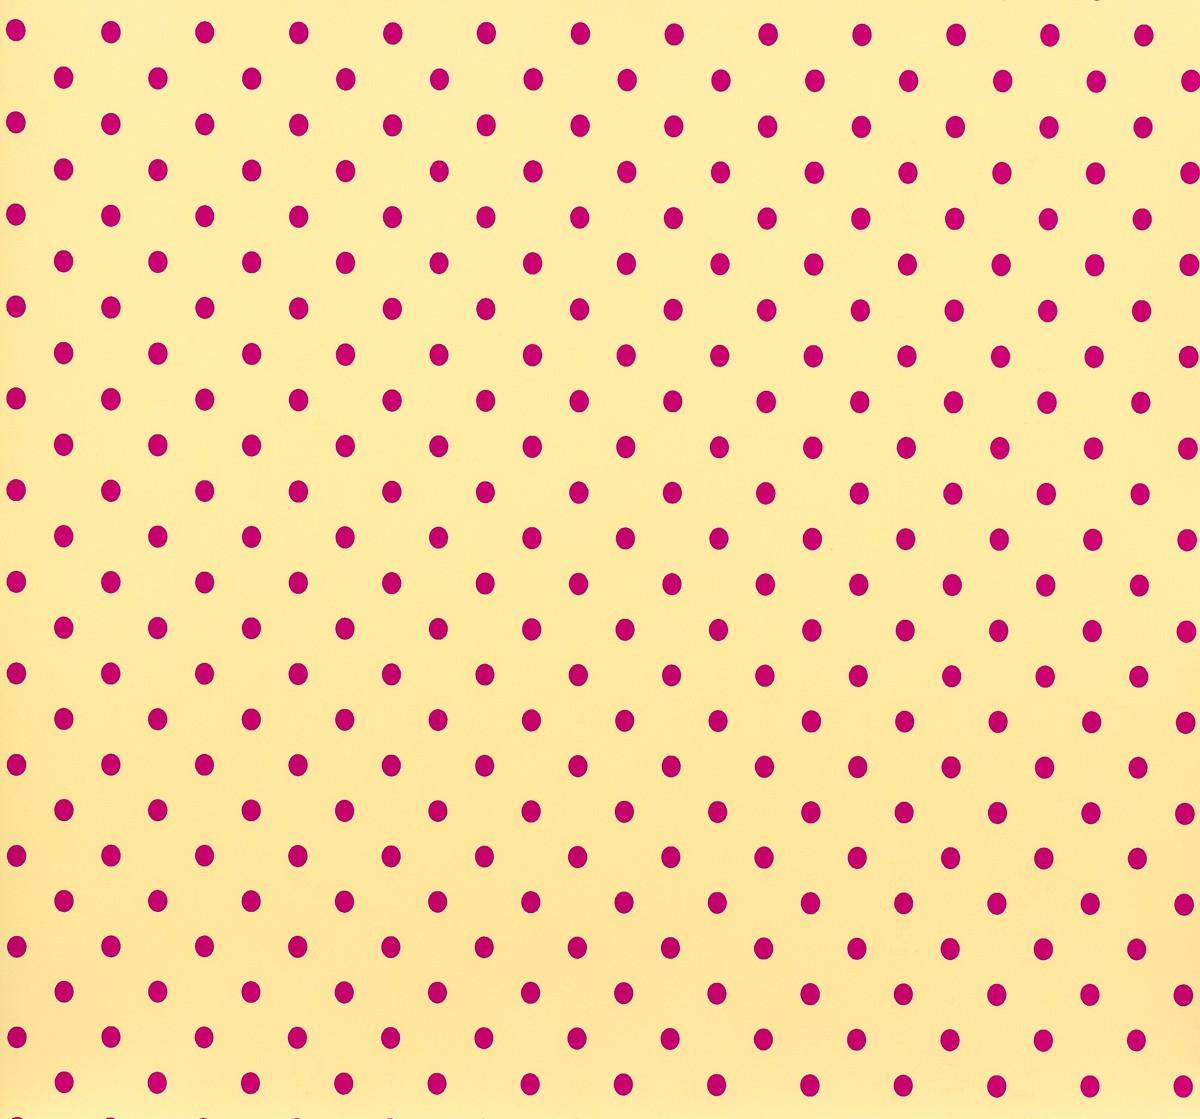 gl ckler kindertapete vlies childrens paradise 54133 punkte gelb pink 3 10 1q ebay. Black Bedroom Furniture Sets. Home Design Ideas